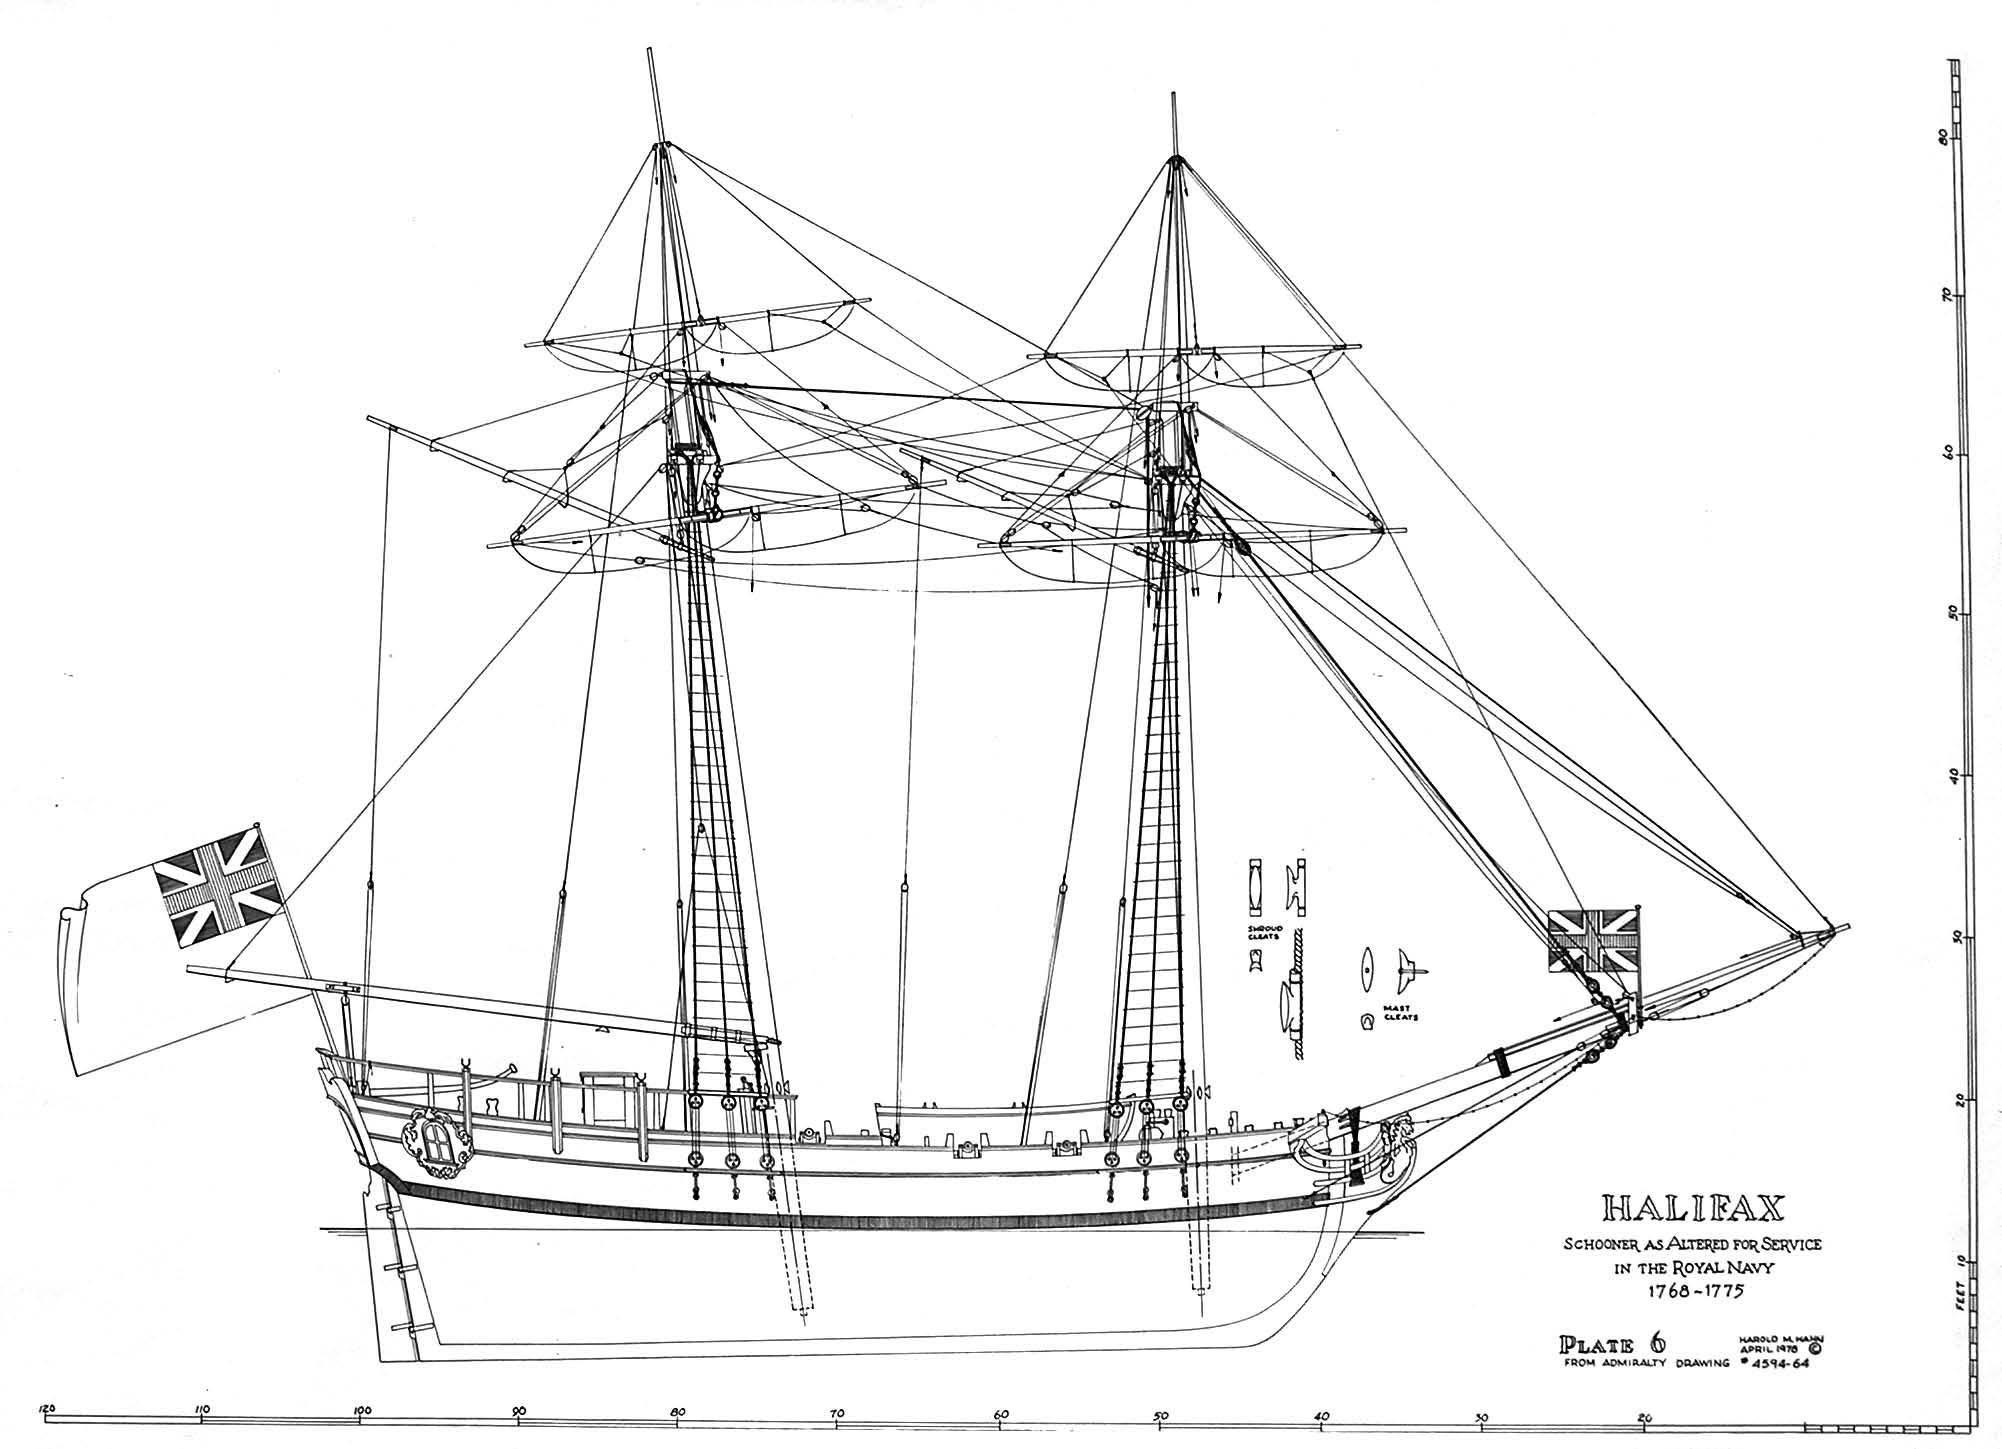 картинки кораблей или чертежи конце концов